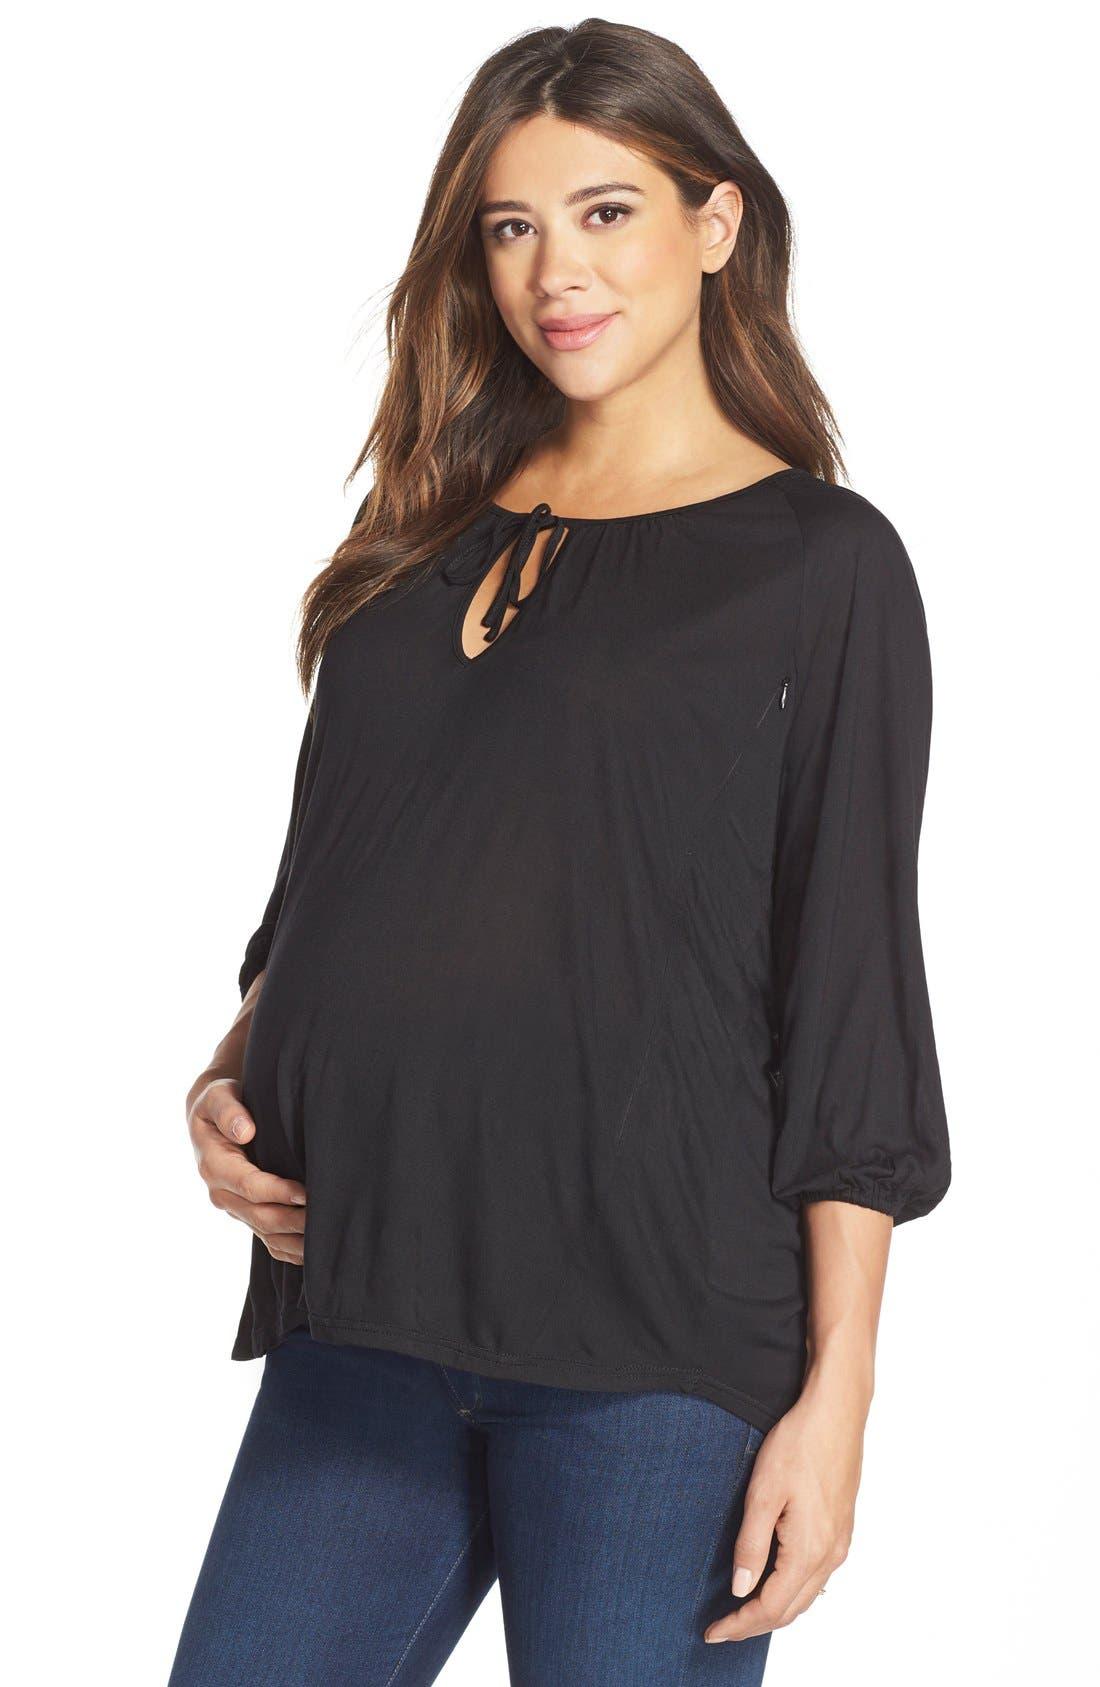 Loyal Hana 'Megan' Maternity/Nursing Top